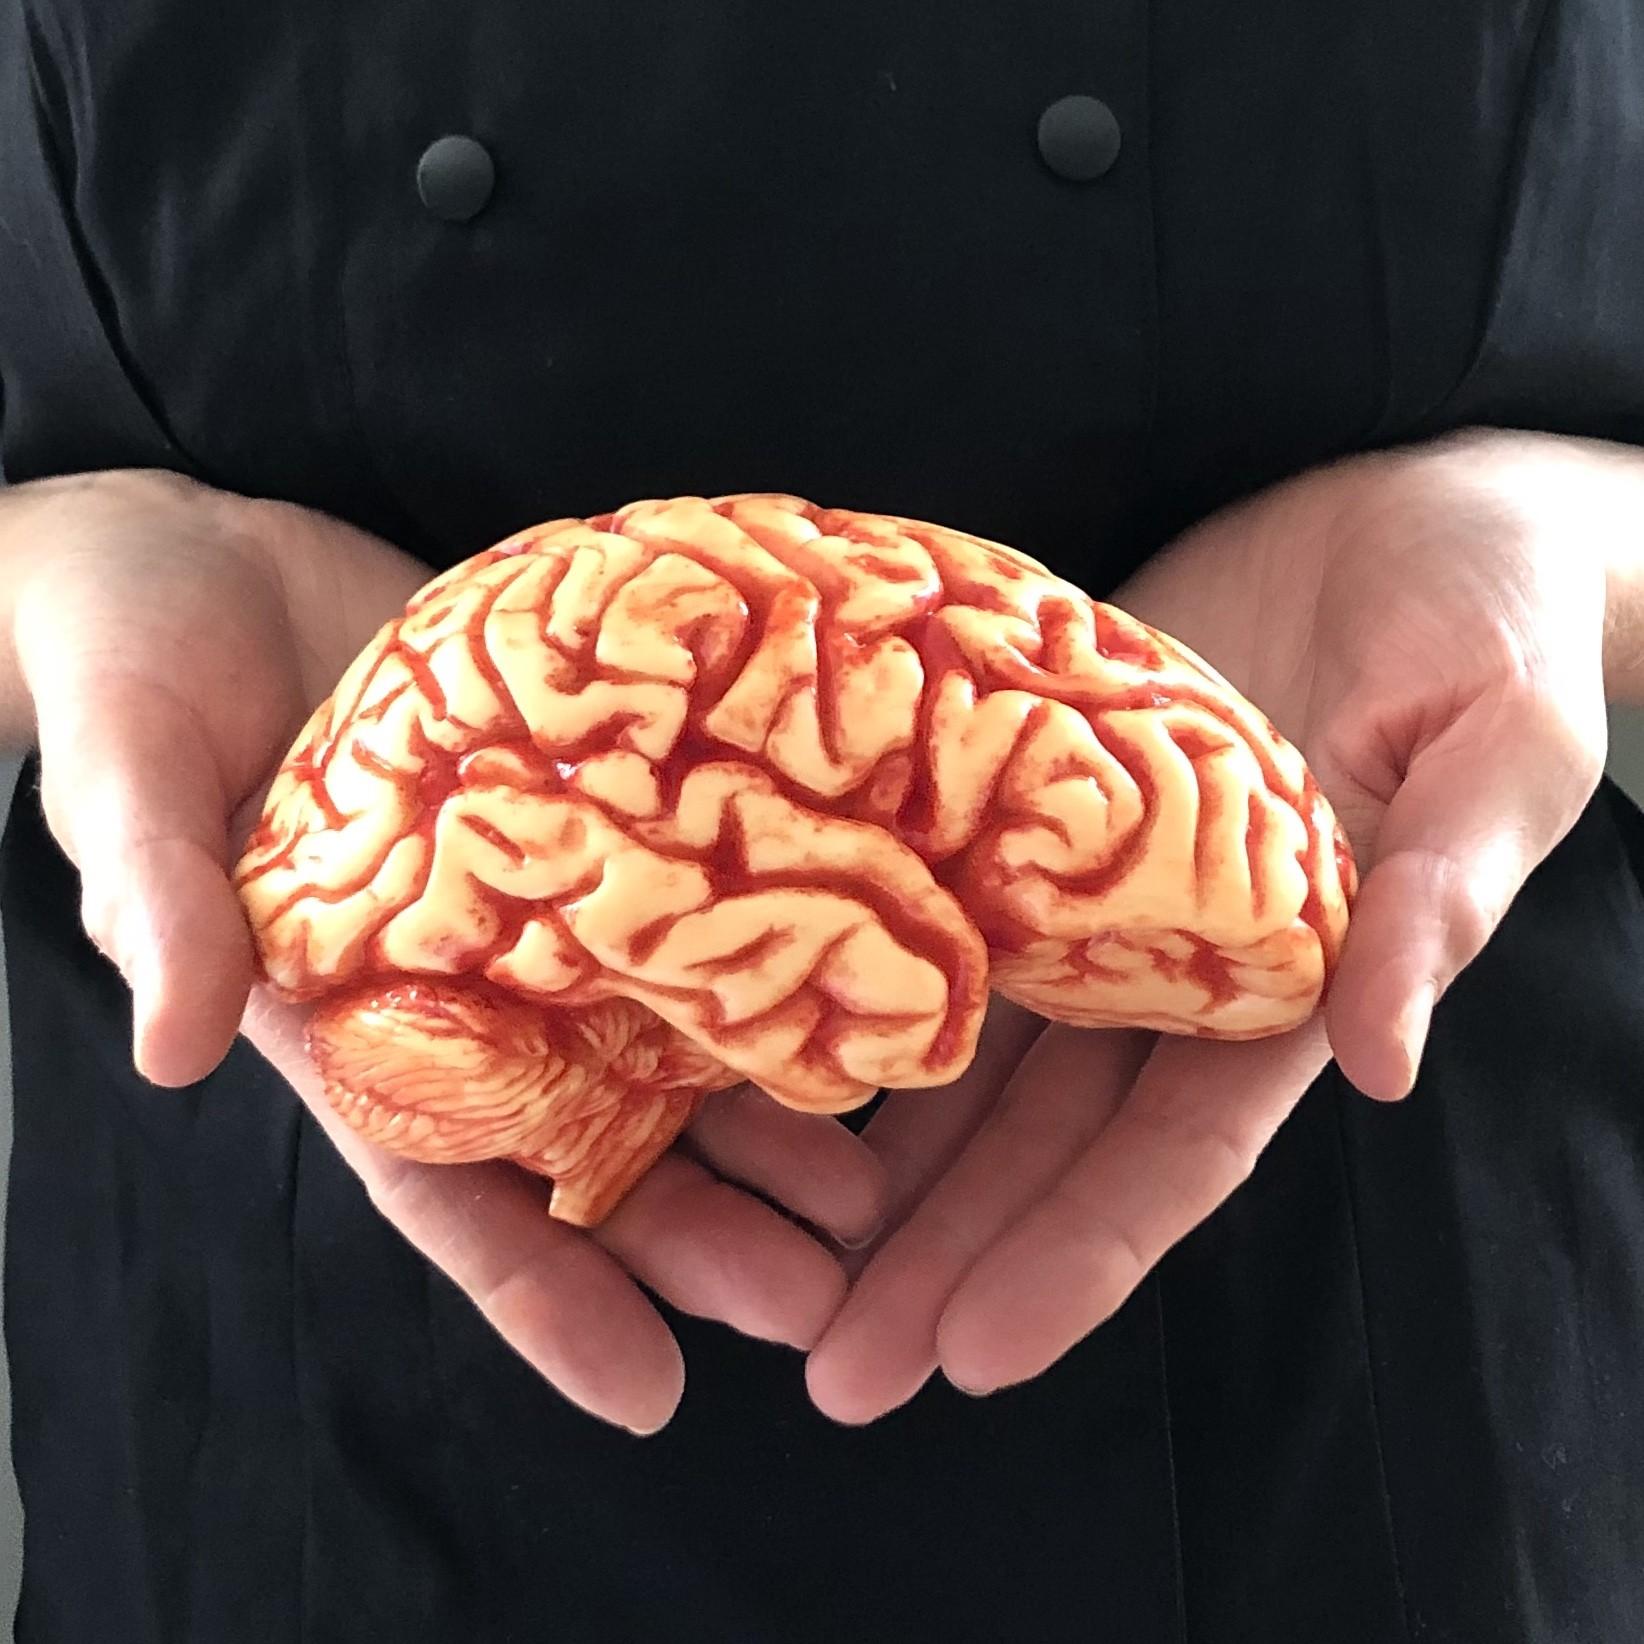 chocolate brain held in hands